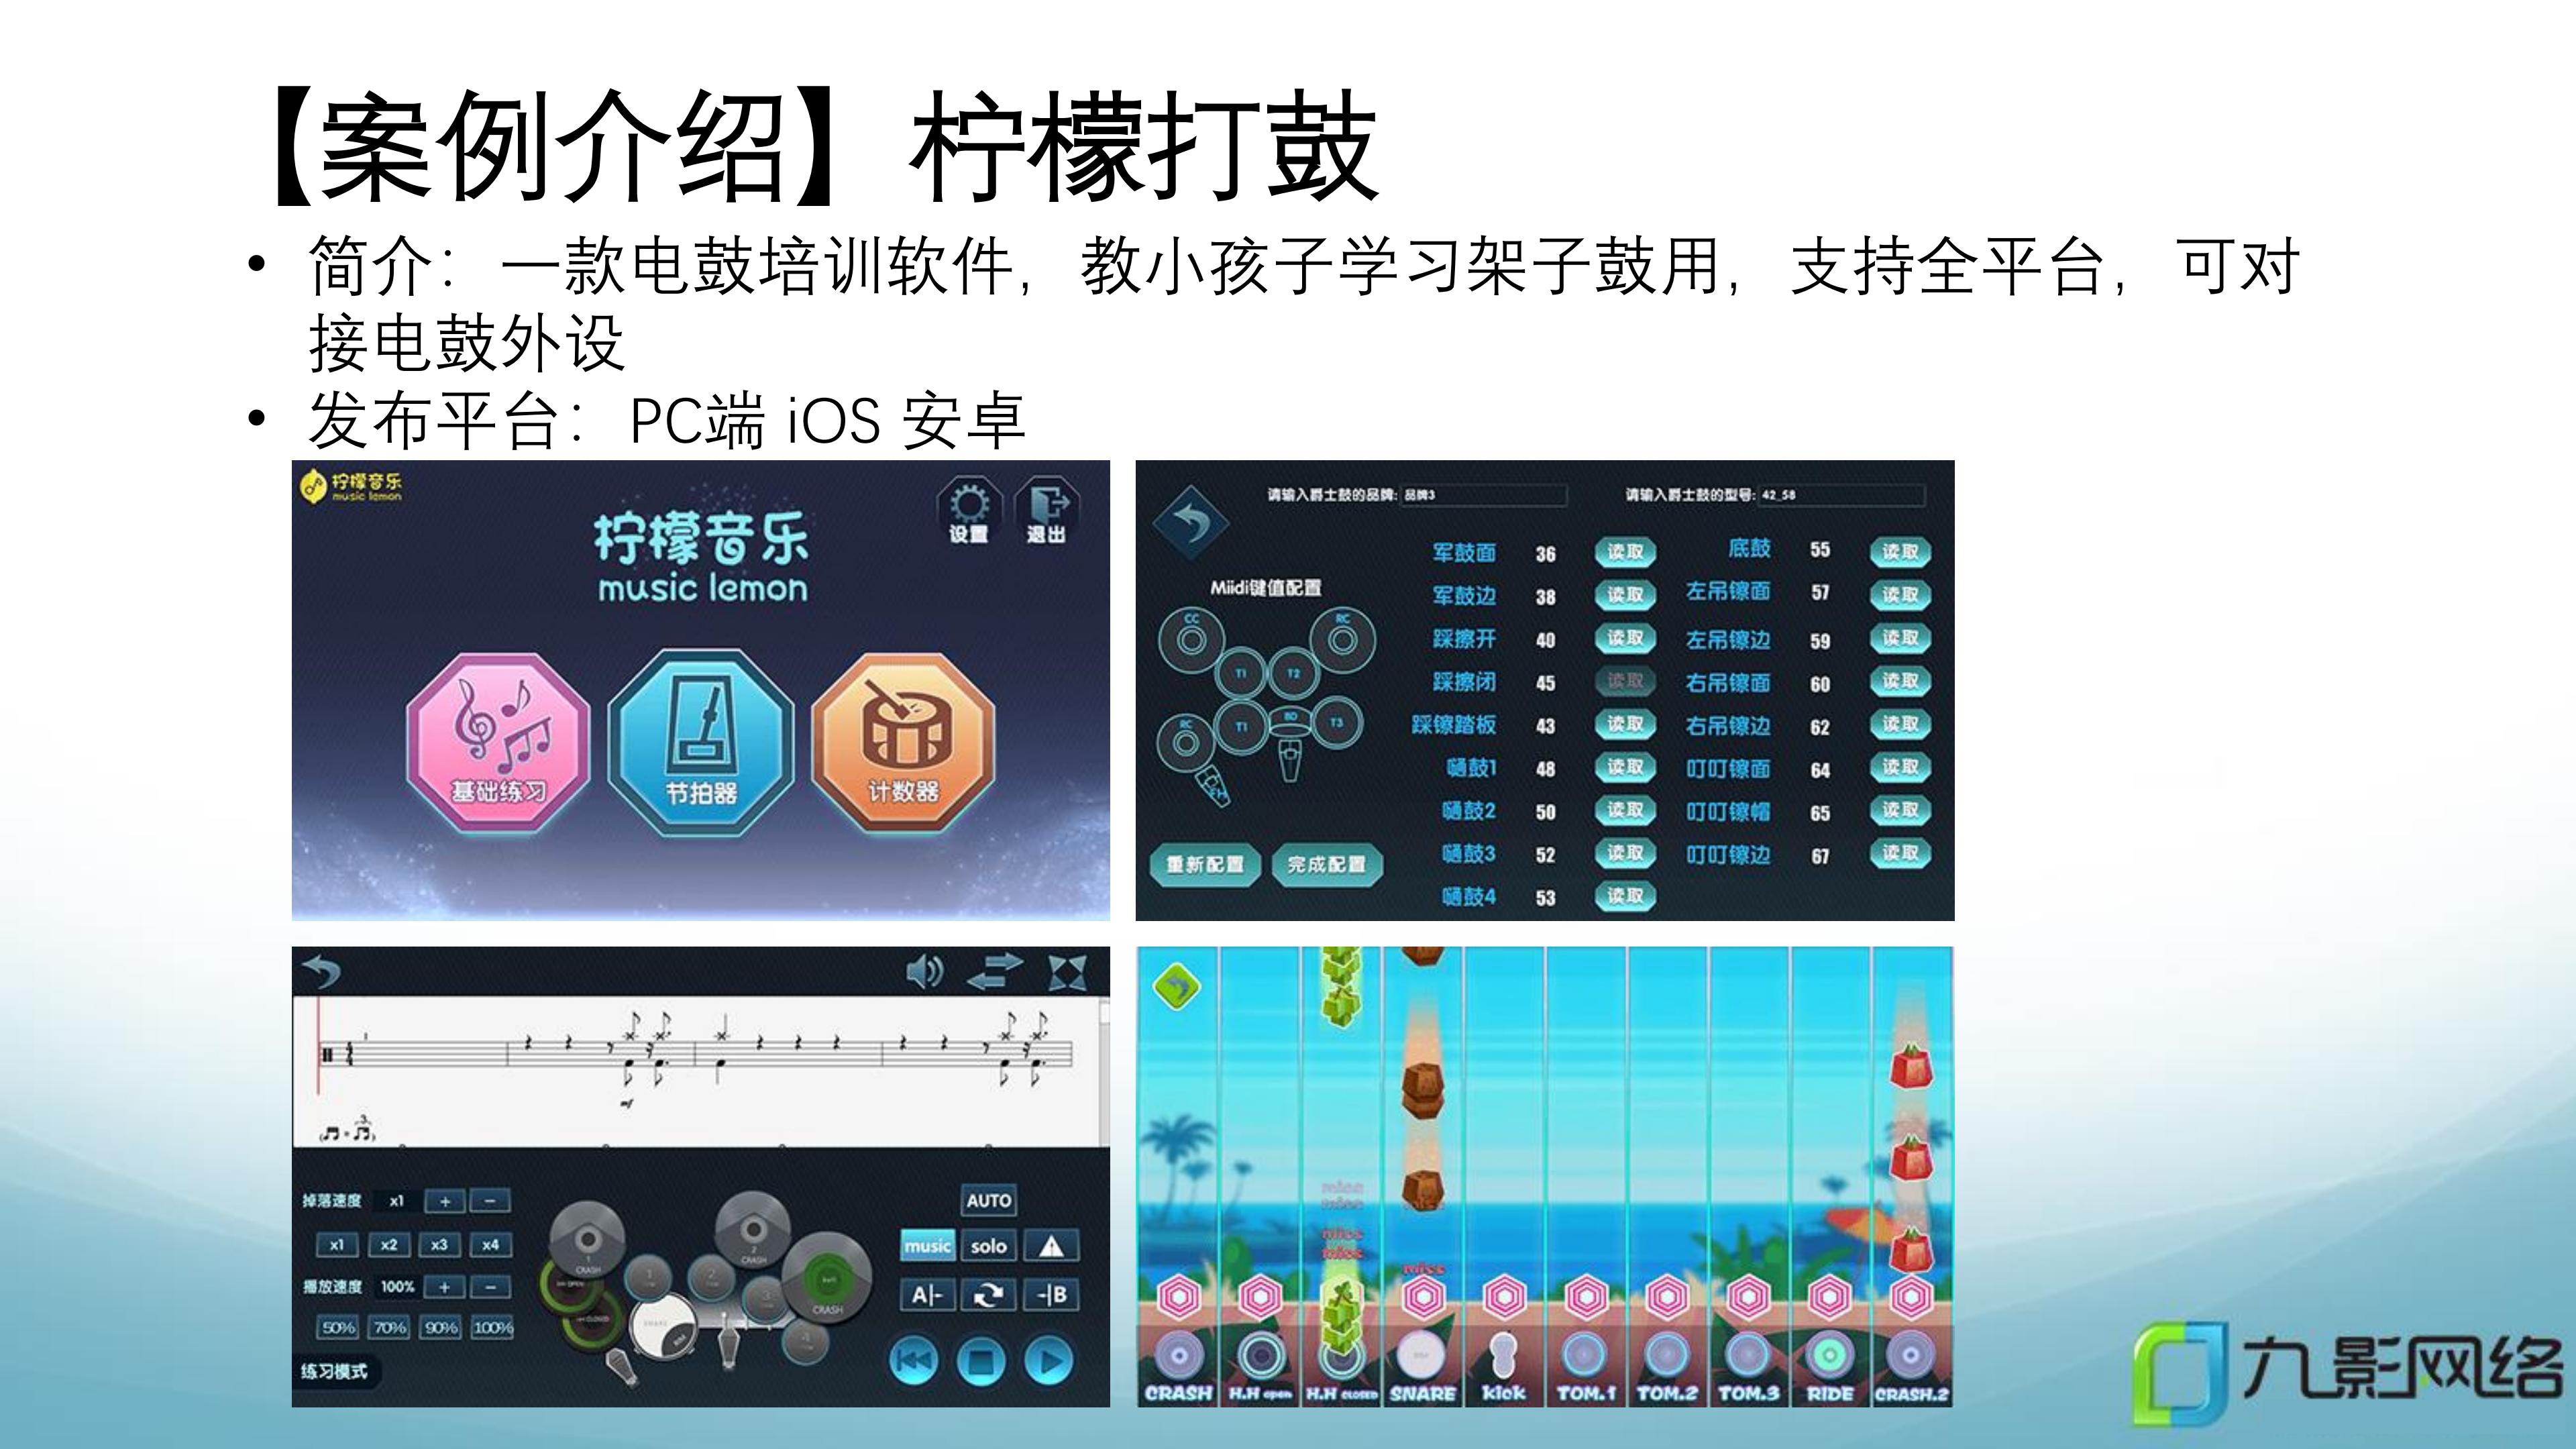 软件UI界面设计PC框架启动封面菜单面板按钮图标交互UI设计